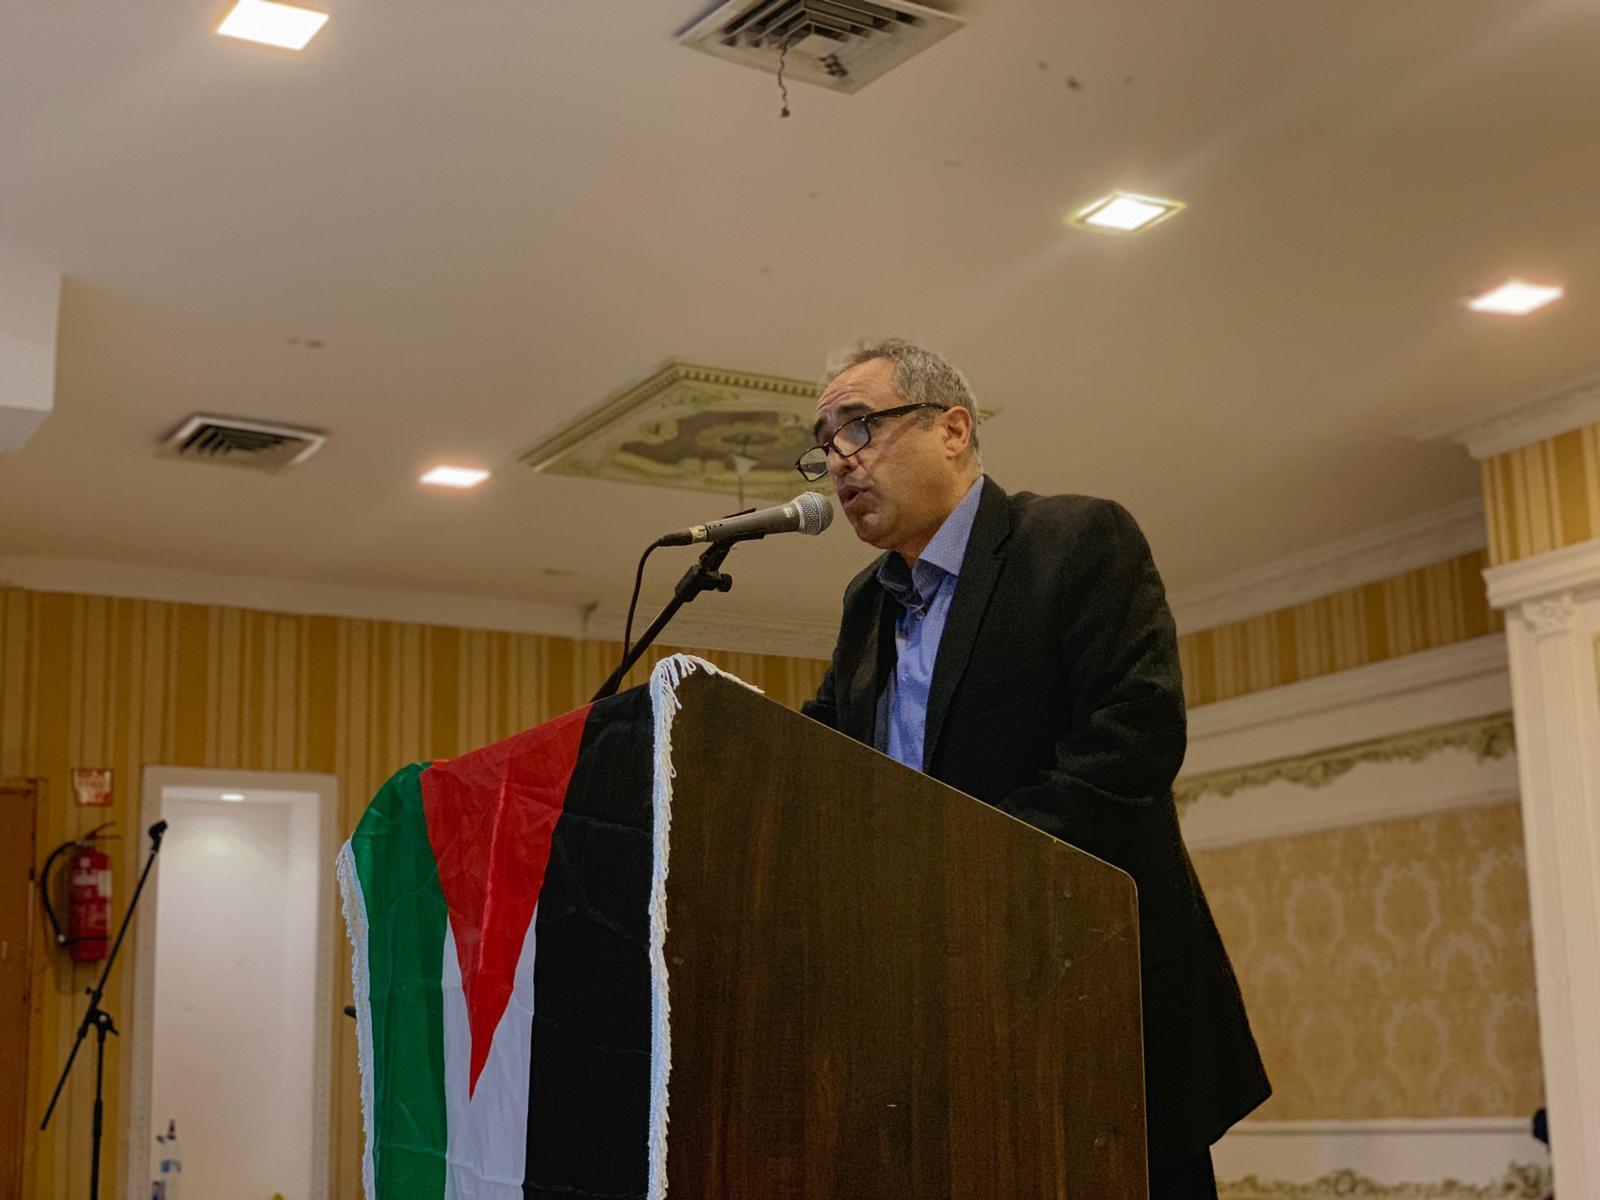 عرعرة: مهرجان وطني إحياءً لليوم العالمي لدعم حقوق فلسطينيي الداخل